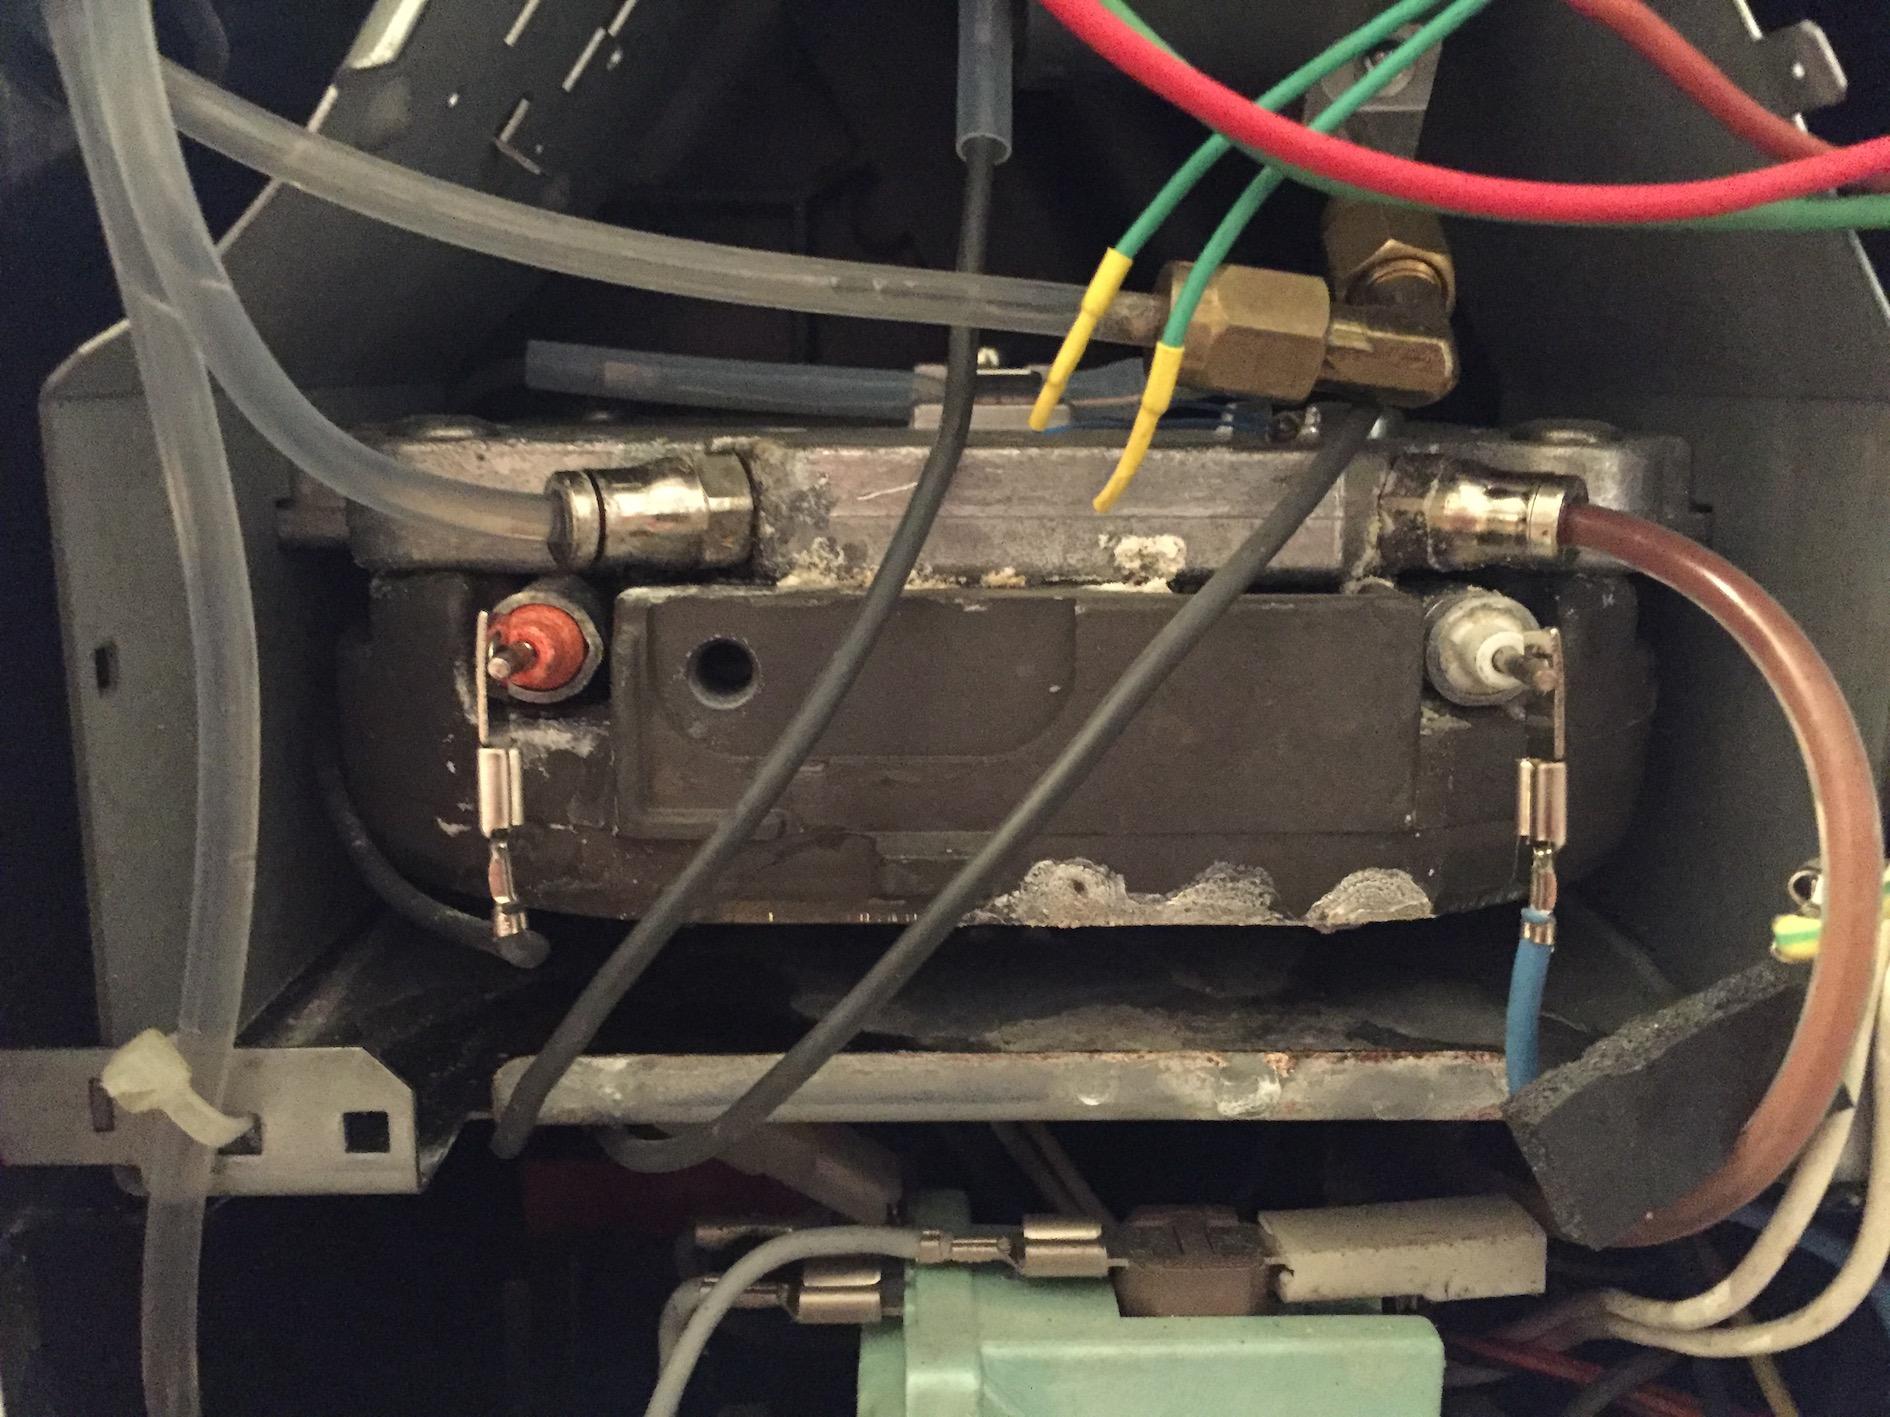 jura impressa s70 legris schlauchverbindung am thermoblock undicht jura reparatur. Black Bedroom Furniture Sets. Home Design Ideas